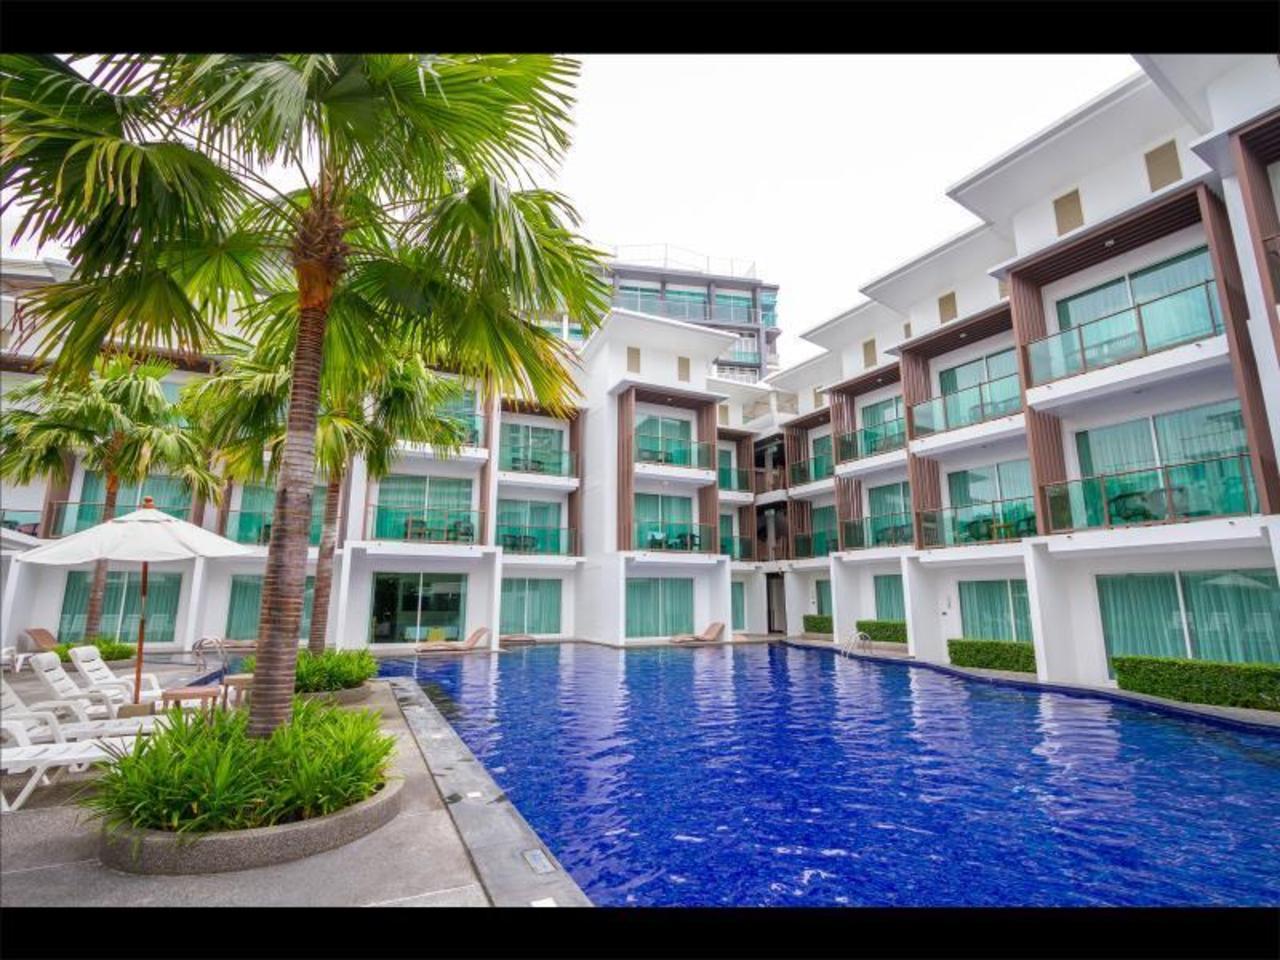 โรงแรมพริม่า วิลลา (Prima Villa Hotel)